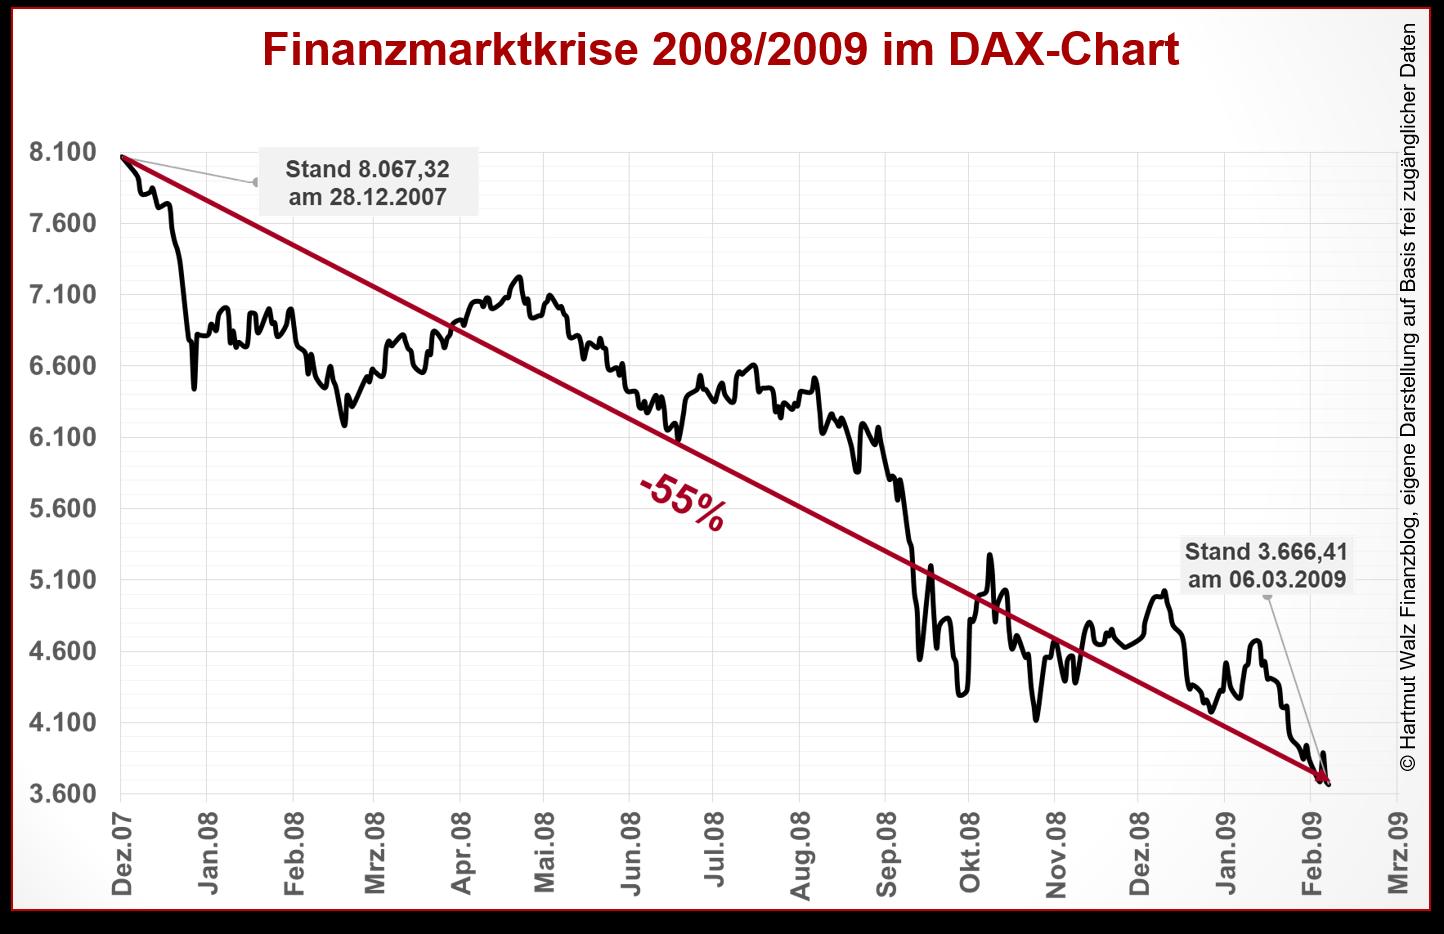 Finanzmarktkrise 2008-2009 im DAX-Chart